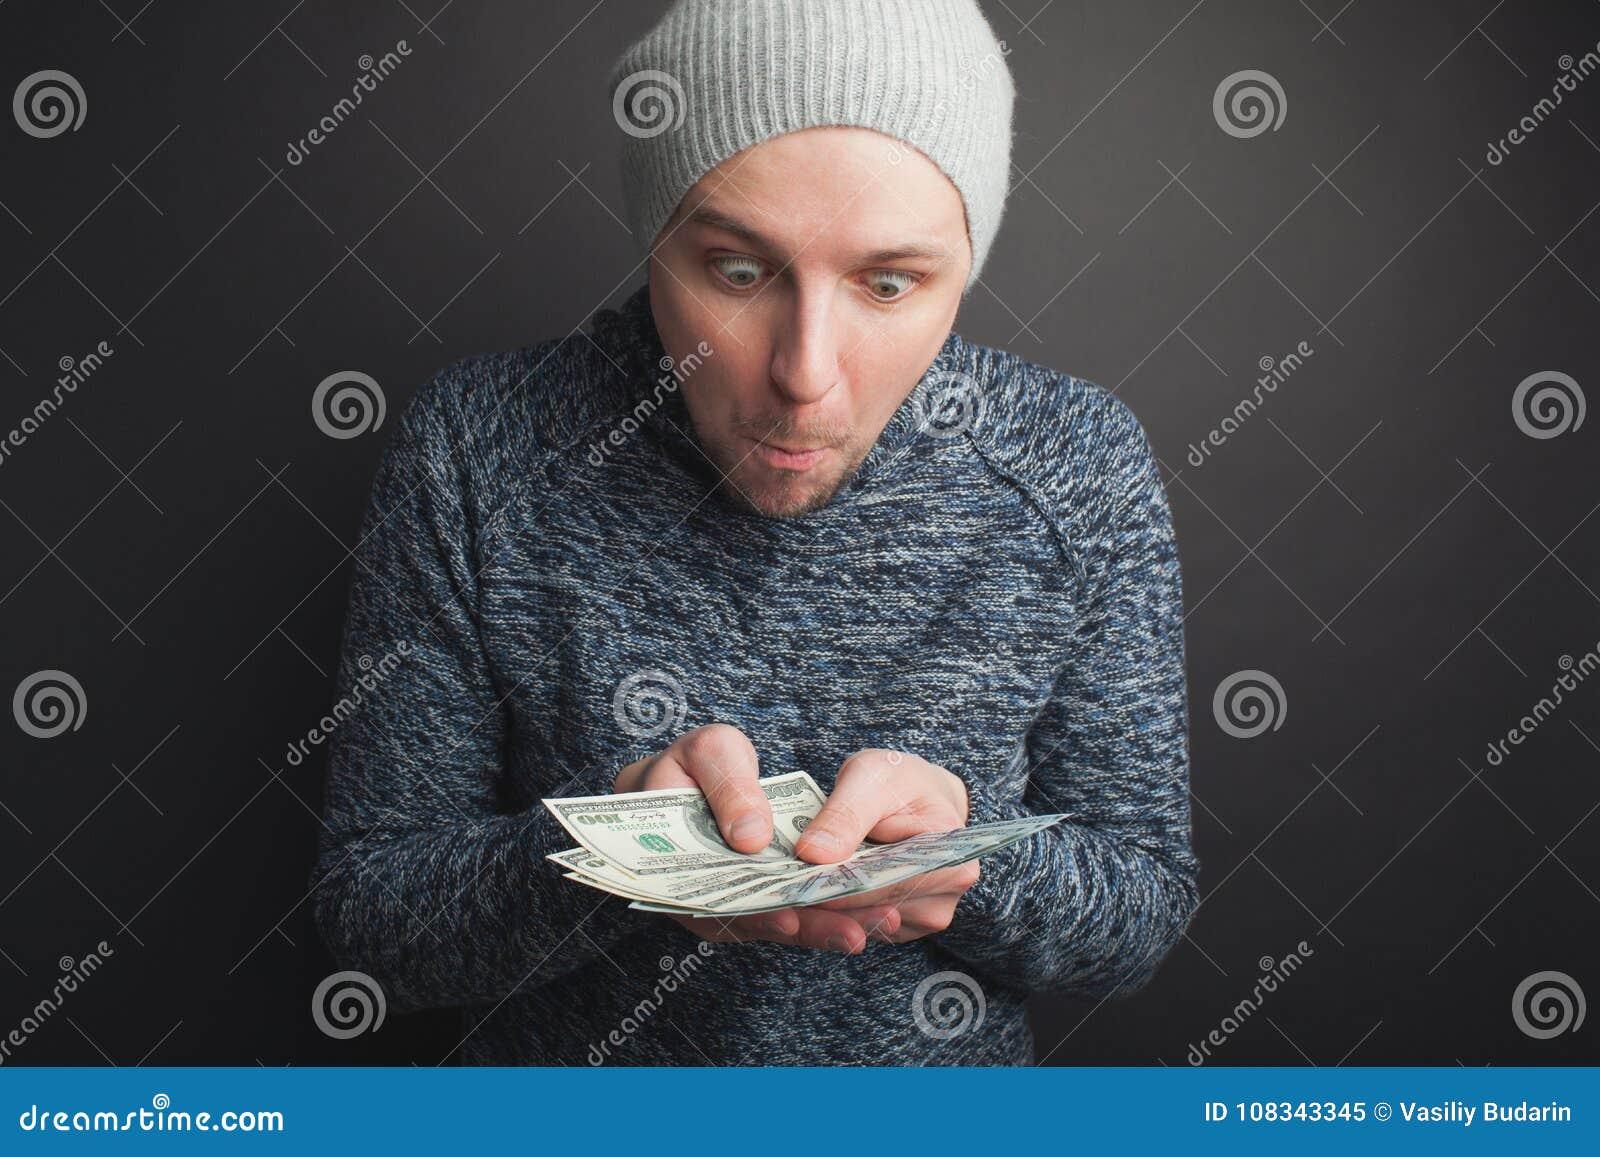 Un individuo joven en un casquillo gris y una barba, sosteniendo una pila de dinero y de miradas fijas en ella en un fondo negro